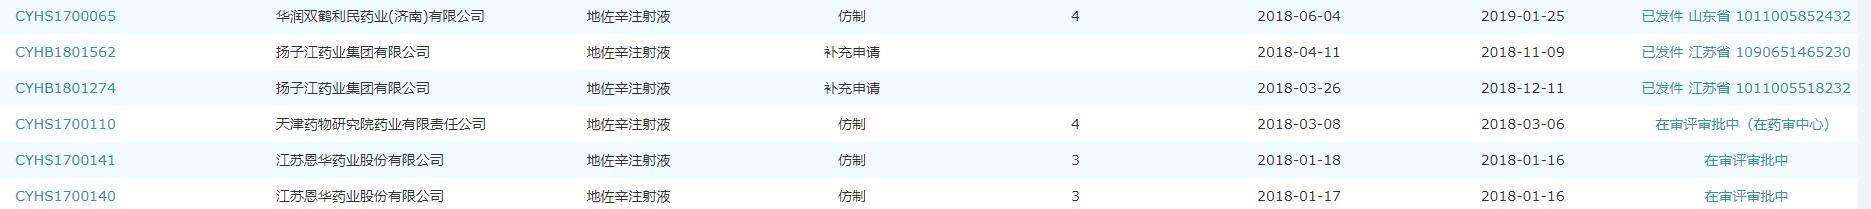 """地佐辛被""""炮轰"""":恩华药业称有用 <a href='/' target='_blank'>上海医药</a>(<a href='/' target='_blank'>601607</a>)无产品在销"""